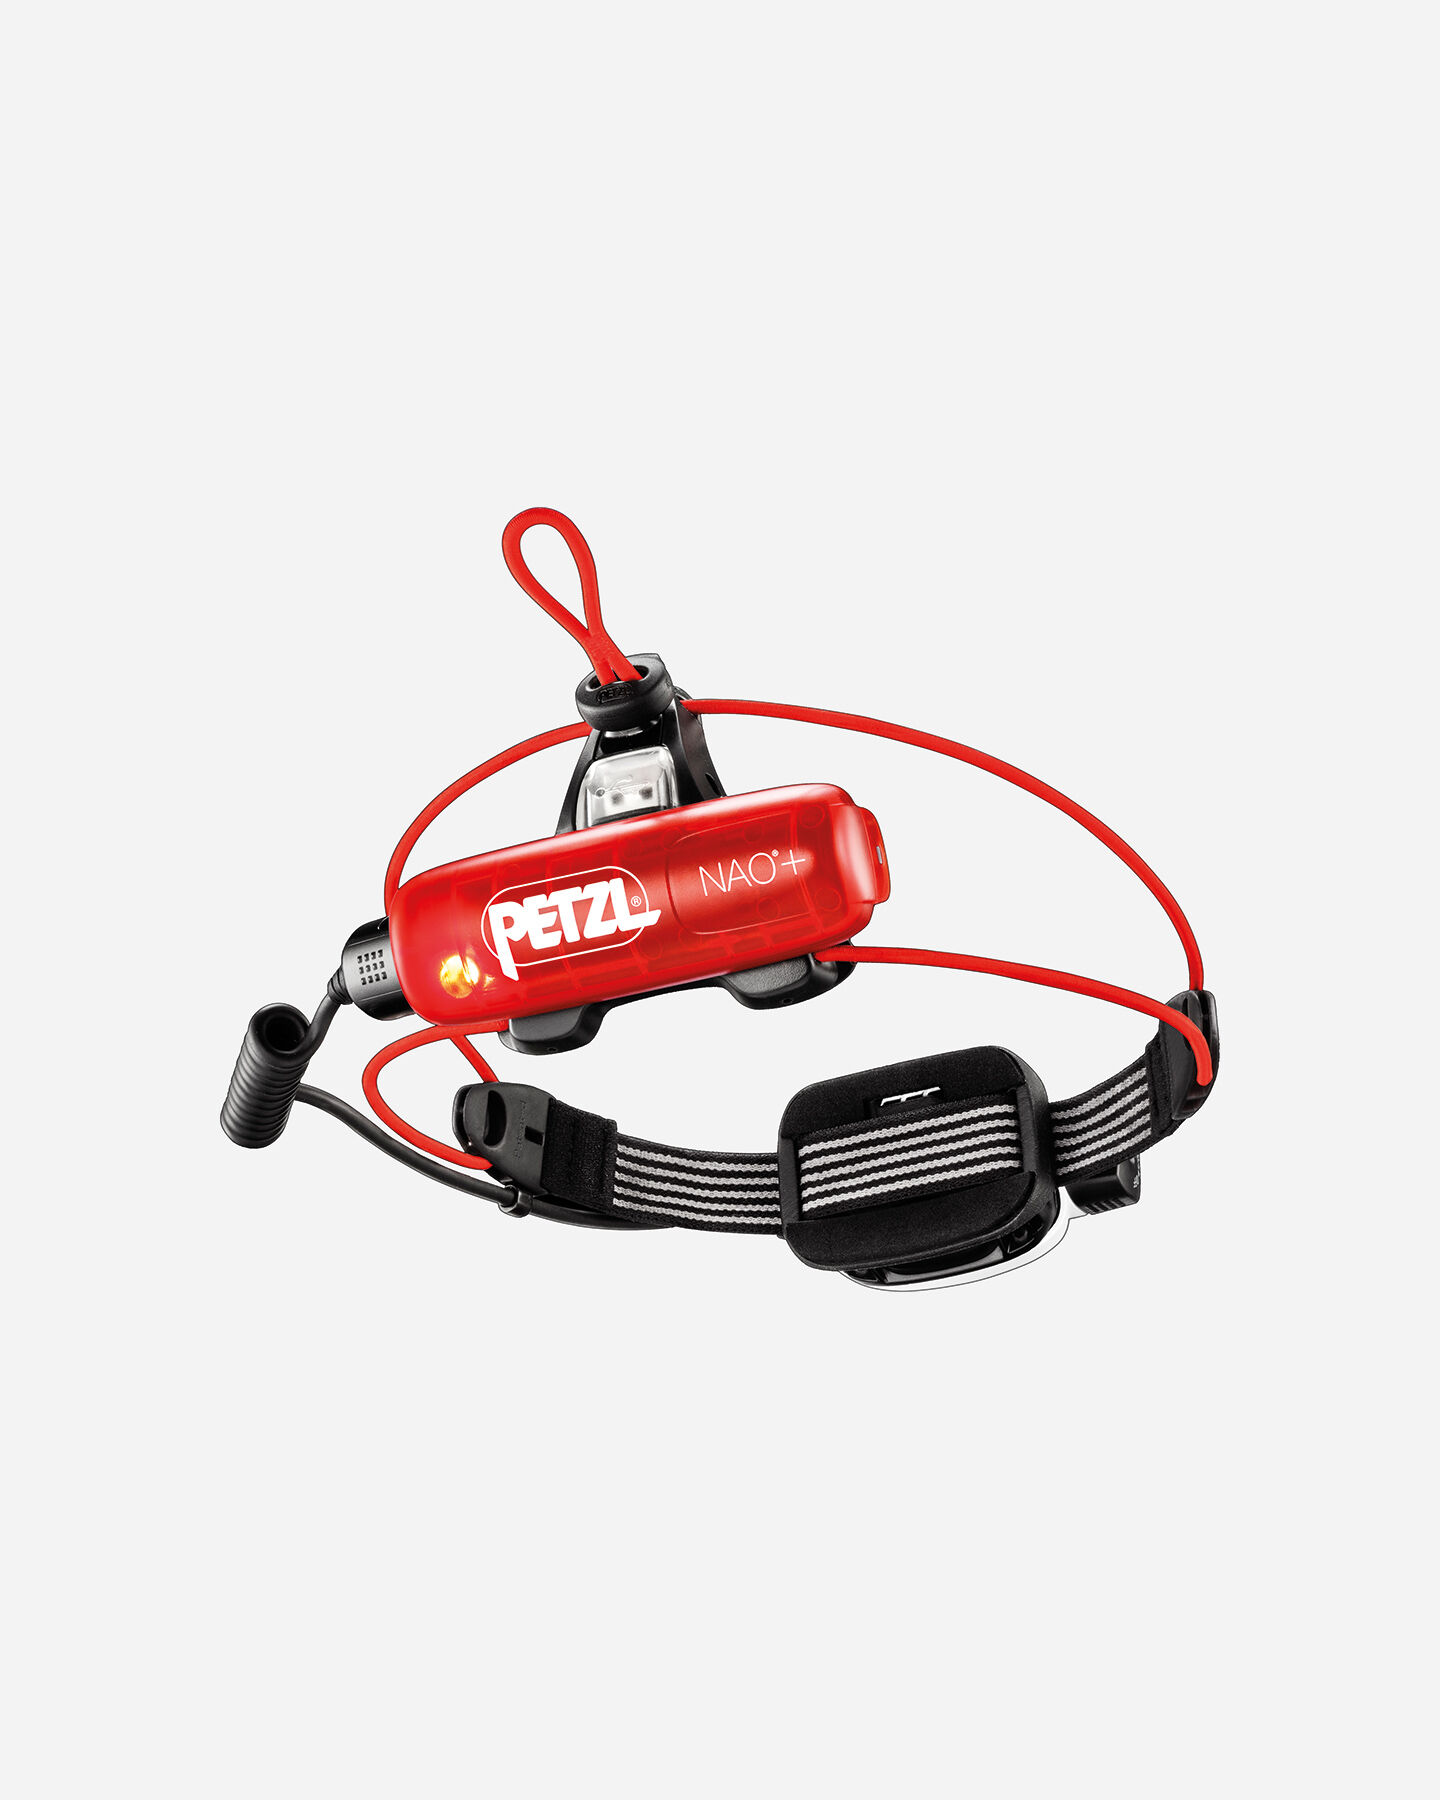 Lampada frontale PETZL LAMPADA FRONTALE PETZL NAO+ S4018860|1|UNI scatto 1